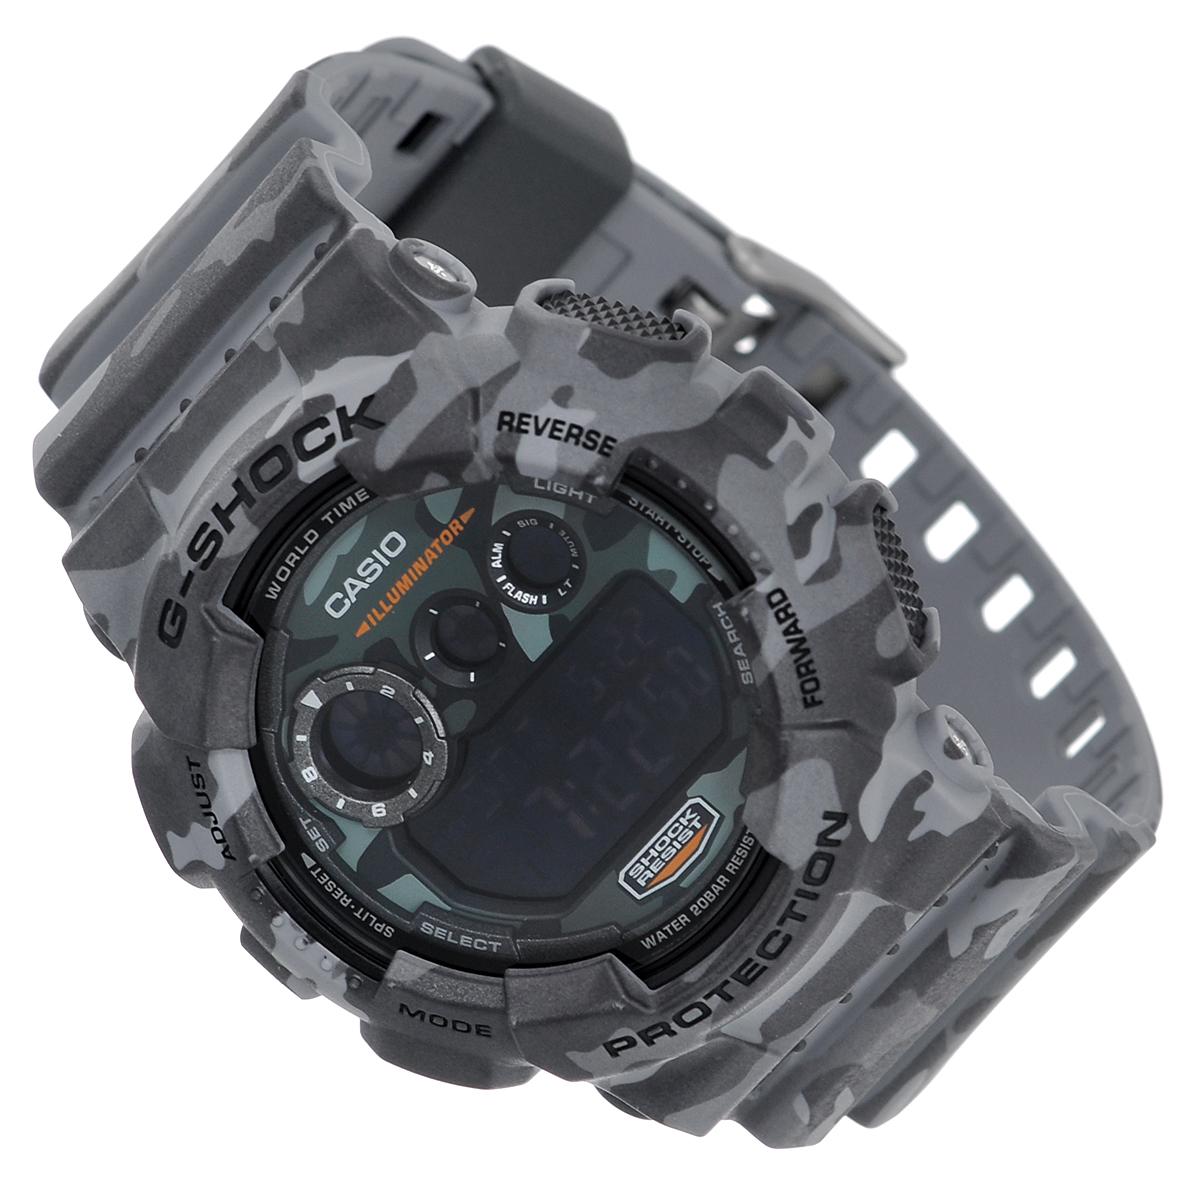 Часы мужские наручные Casio G-Shock, цвет: серый, светло-серый. GD-120CM-8EBR09-725А3470 black Cумка мужская MalgradoСтильные часы G-Shock от японского брэнда Casio - это яркий функциональный аксессуар для современных людей, которые стремятся выделиться из толпы и подчеркнуть свою индивидуальность. Часы выполнены в спортивном стиле. Корпус имеет ударопрочную конструкцию, защищающую механизм от ударов и вибрации. Циферблат подсвечивается светодиодной автоматической подсветкой. При движении руки дисплей освещается ярким светом. Ремешок из мягкого пластика имеет классическую застежку.Основные функции: -5 будильников, один из которых с функцией Snooze, ежечасный сигнал; -автоматический календарь (число, месяц, день недели, год); -сплит-хронограф; -секундомер с точностью показаний 1/100 с, время измерения 24 часа; -12-ти и 24-х часовой формат времени; -таймер обратного отсчета от 1 мин до 24 ч; -мировое время; -функция включения/отключения звука.Часы упакованы в фирменную коробку с логотипом Casio. Такой аксессуар добавит вашему образу стиля и подчеркнет безупречный вкус своего владельца.Характеристики: Диаметр циферблата: 3,7 см.Размер корпуса: 5,8 см х 5,4 см х 2 см.Длина ремешка (с корпусом): 25,5 см.Ширина ремешка: 2,2 см. STAINLESS STELL BACK MADE IN CHINA EL.